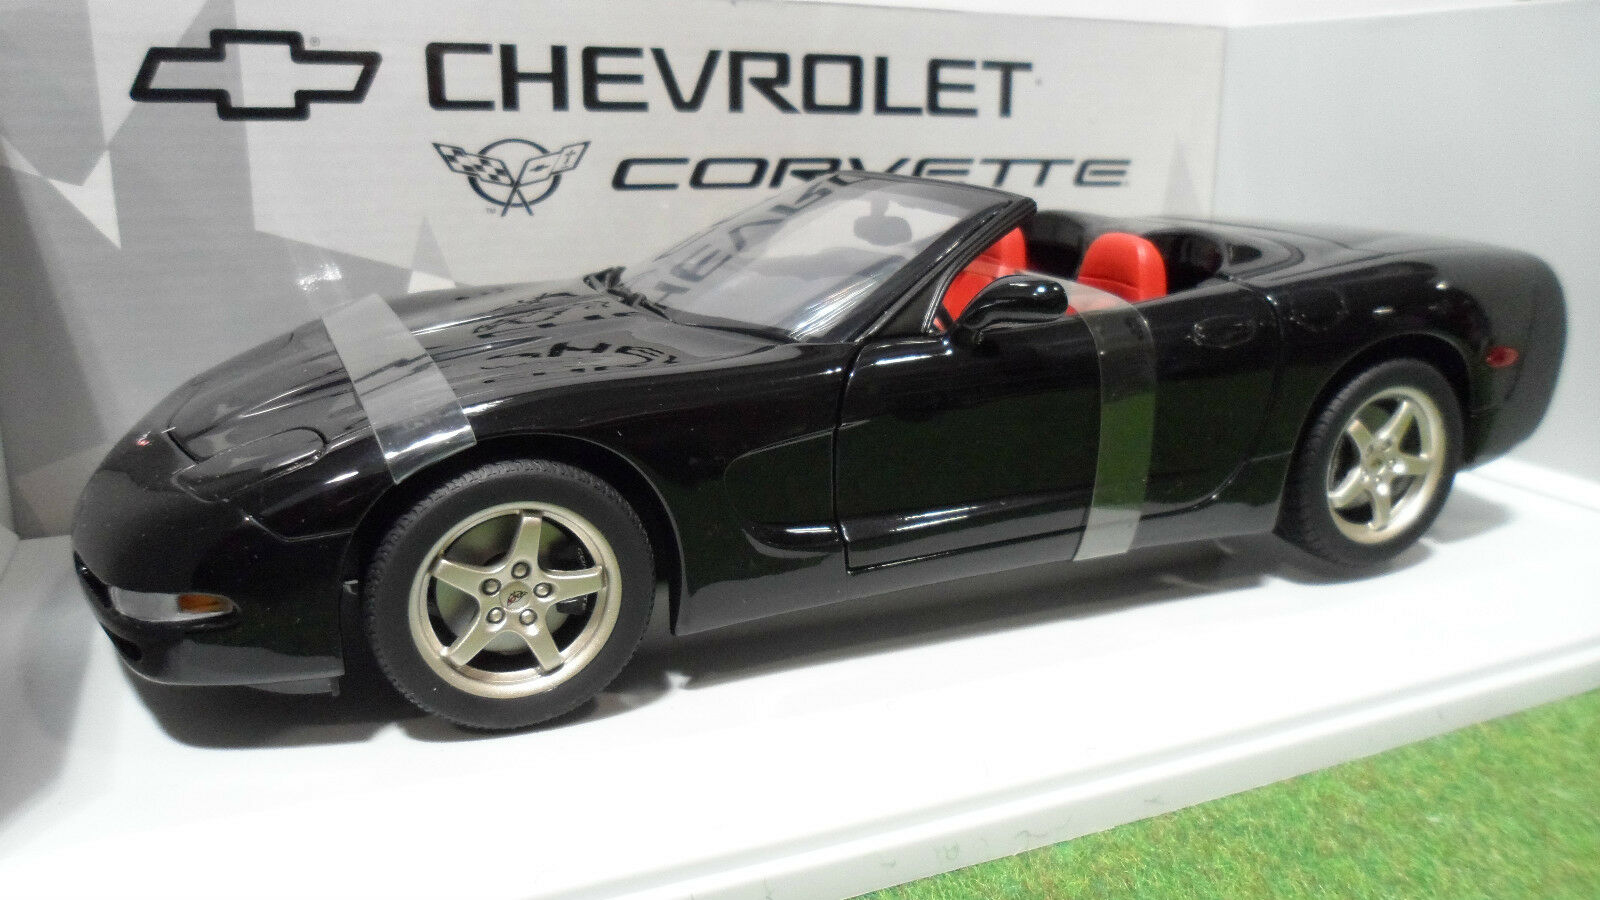 CHEVROLET CORVETTE Cabriolet 1998  noir au 1 18 UT Models 21007 voiture miniature  promotions promotionnelles